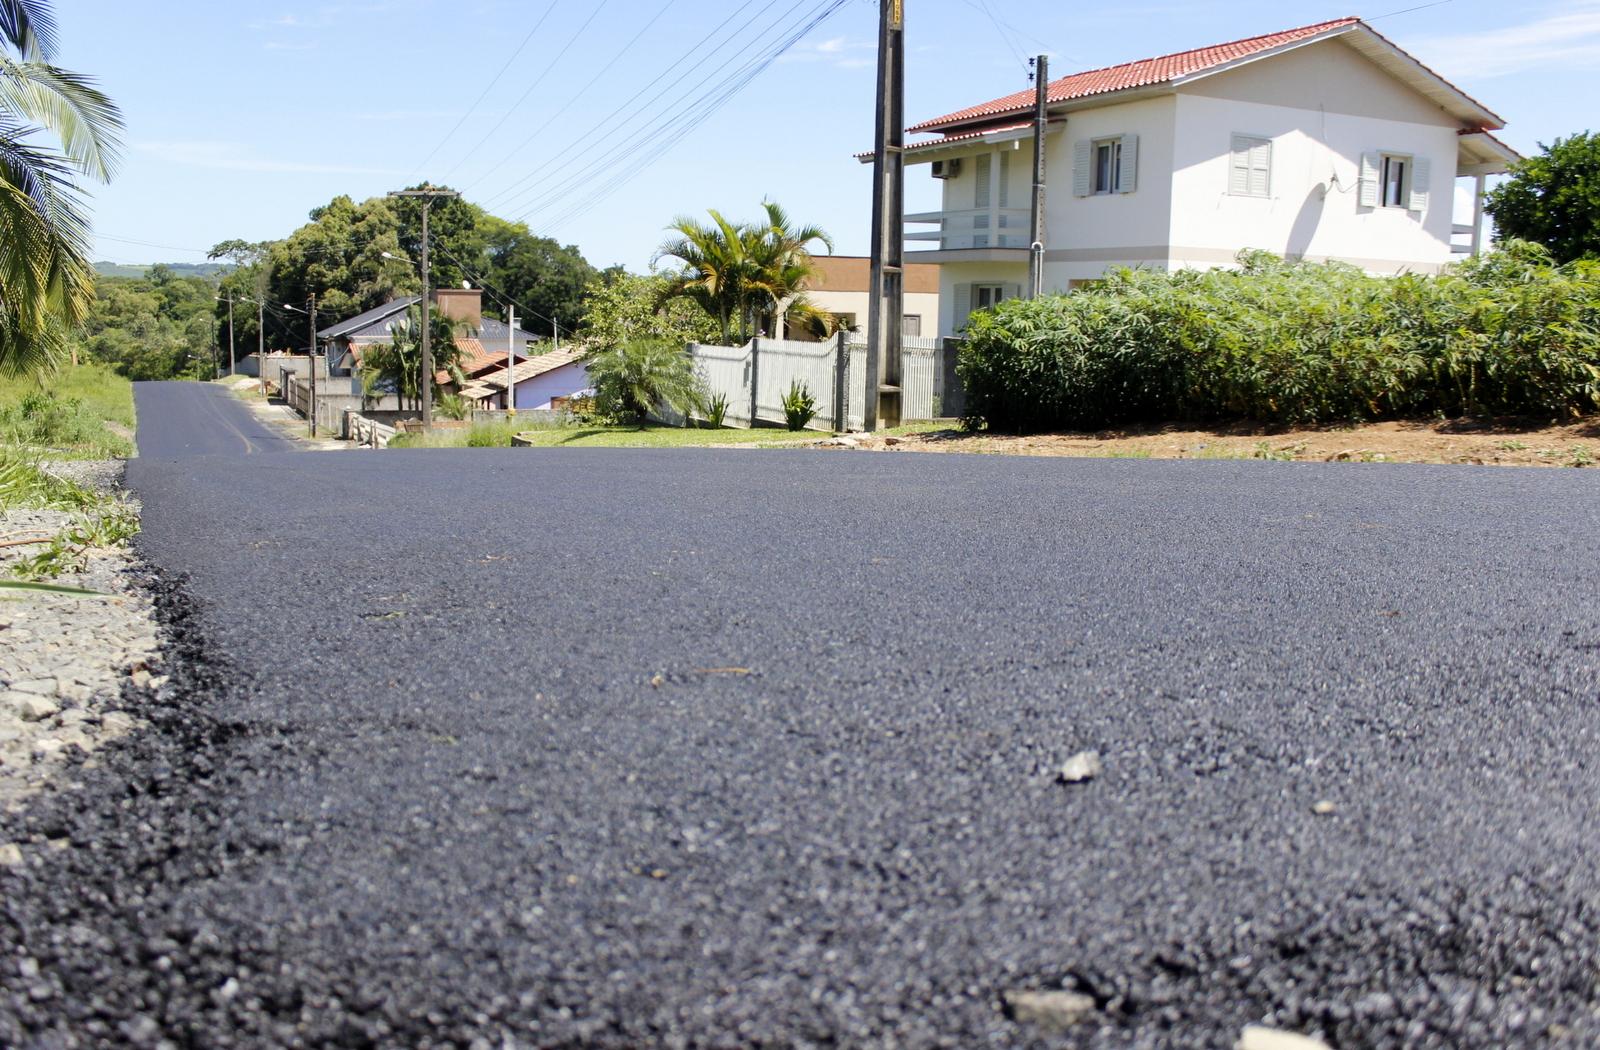 Prefeitura Municipal de Criciúma - Prefeitura de Criciúma pavimenta ruas no bairro Primeira Linha